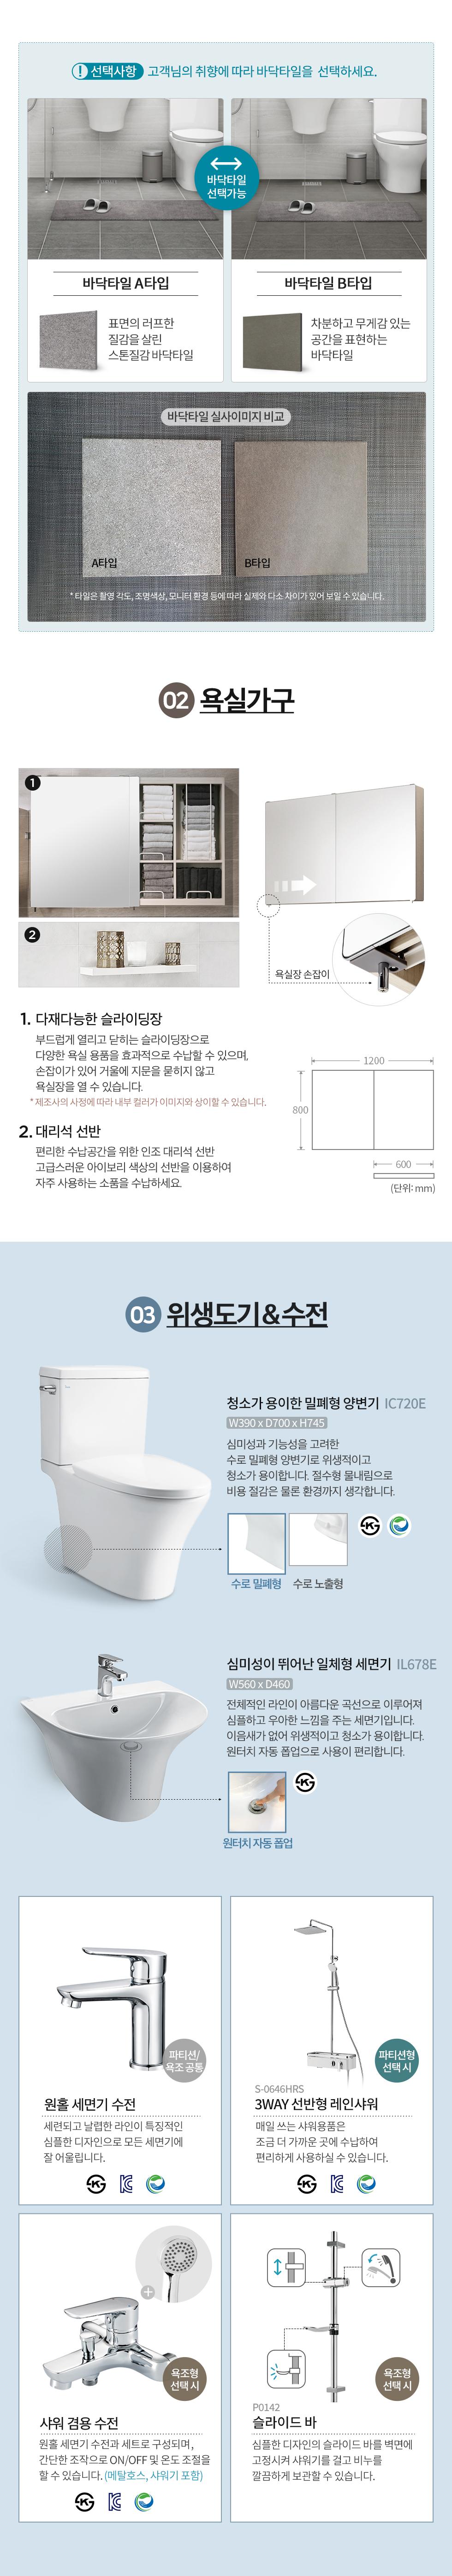 어스그레이 패키지소개02